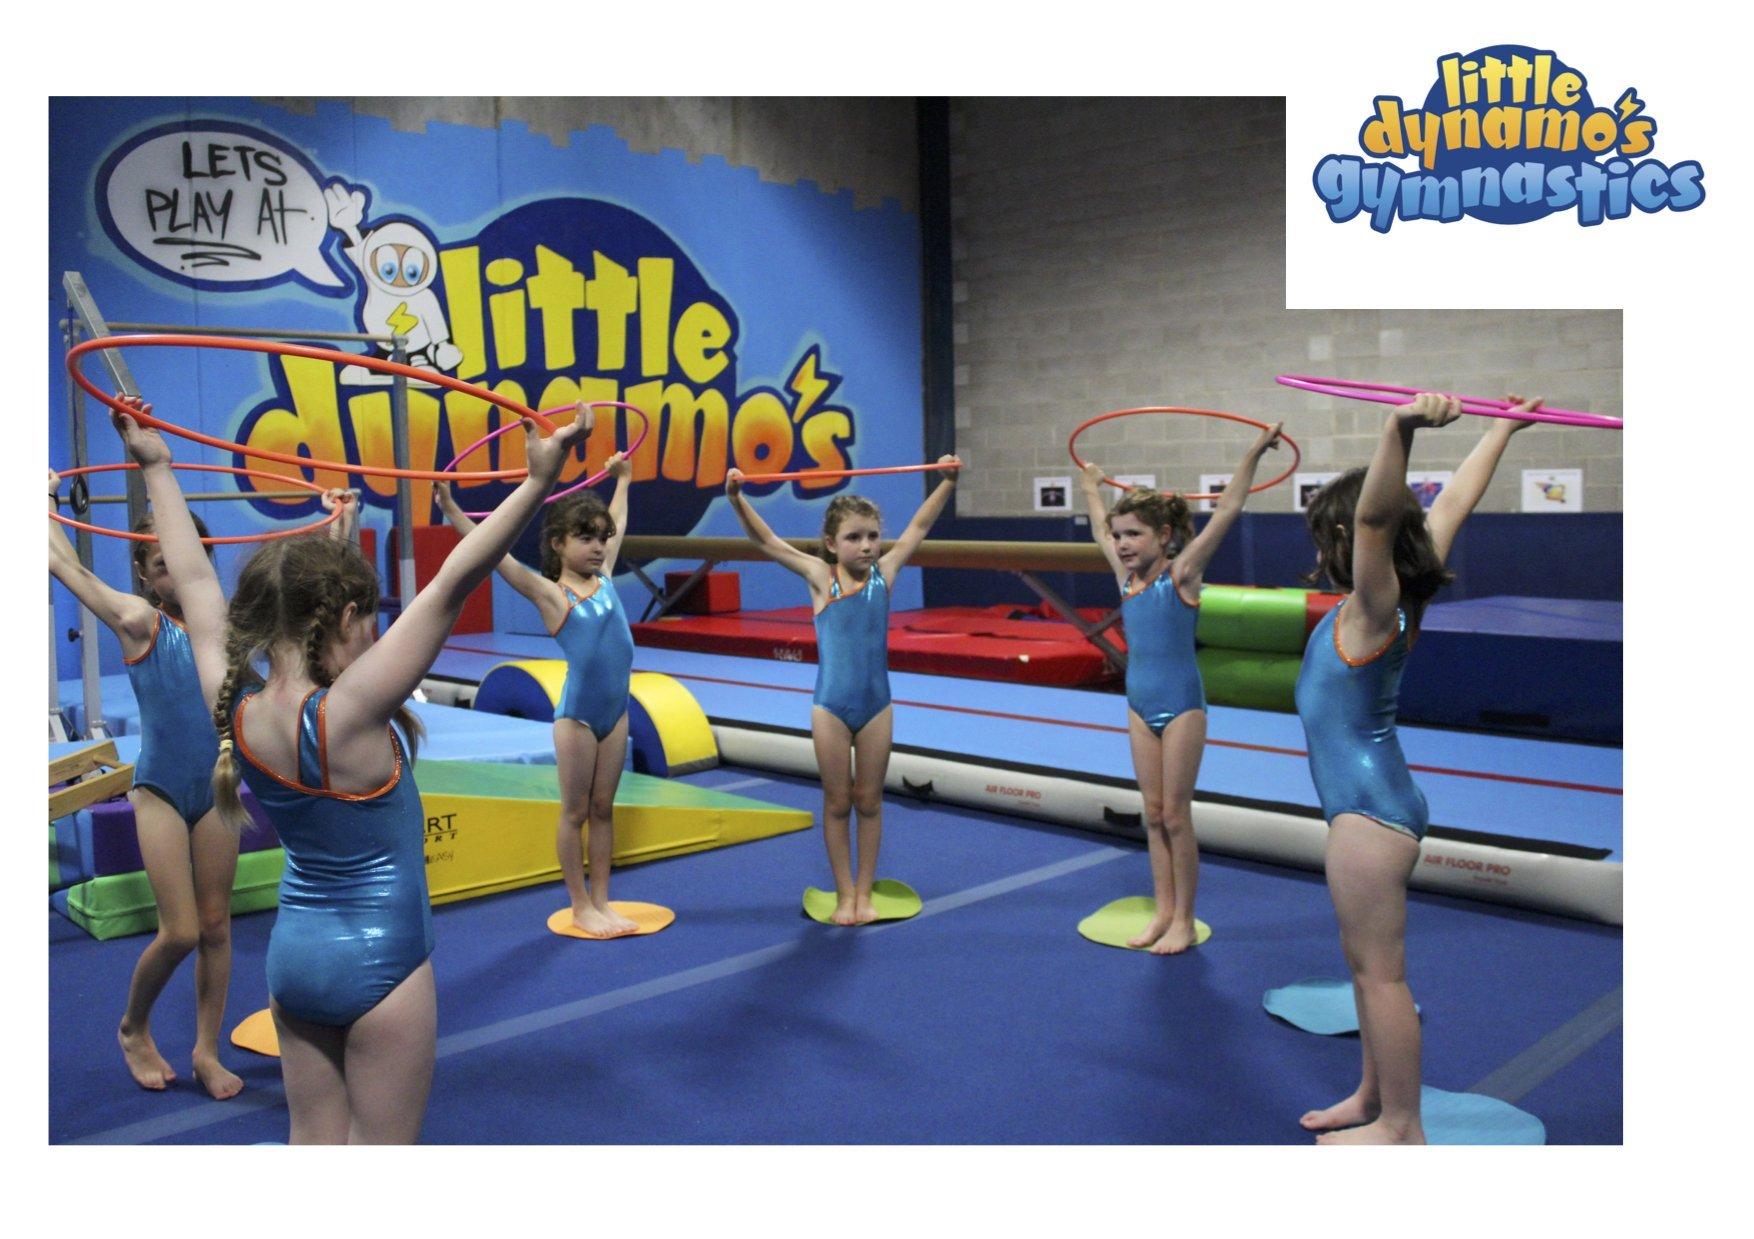 Little Dynamo's Gymnastics school